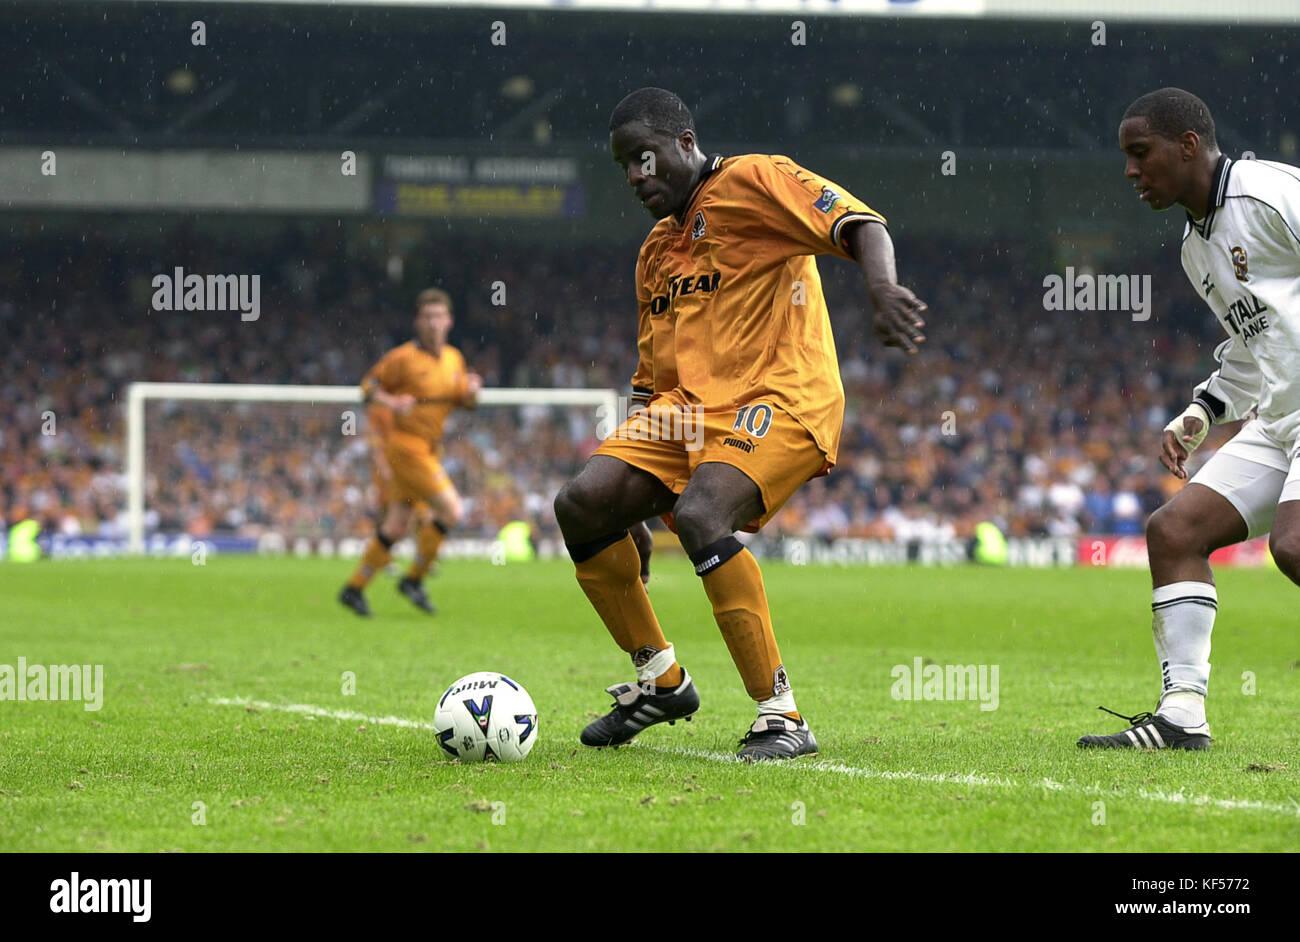 Wolverhampton Wanderers footballer Ade Akinbiyi 2000 - Stock Image